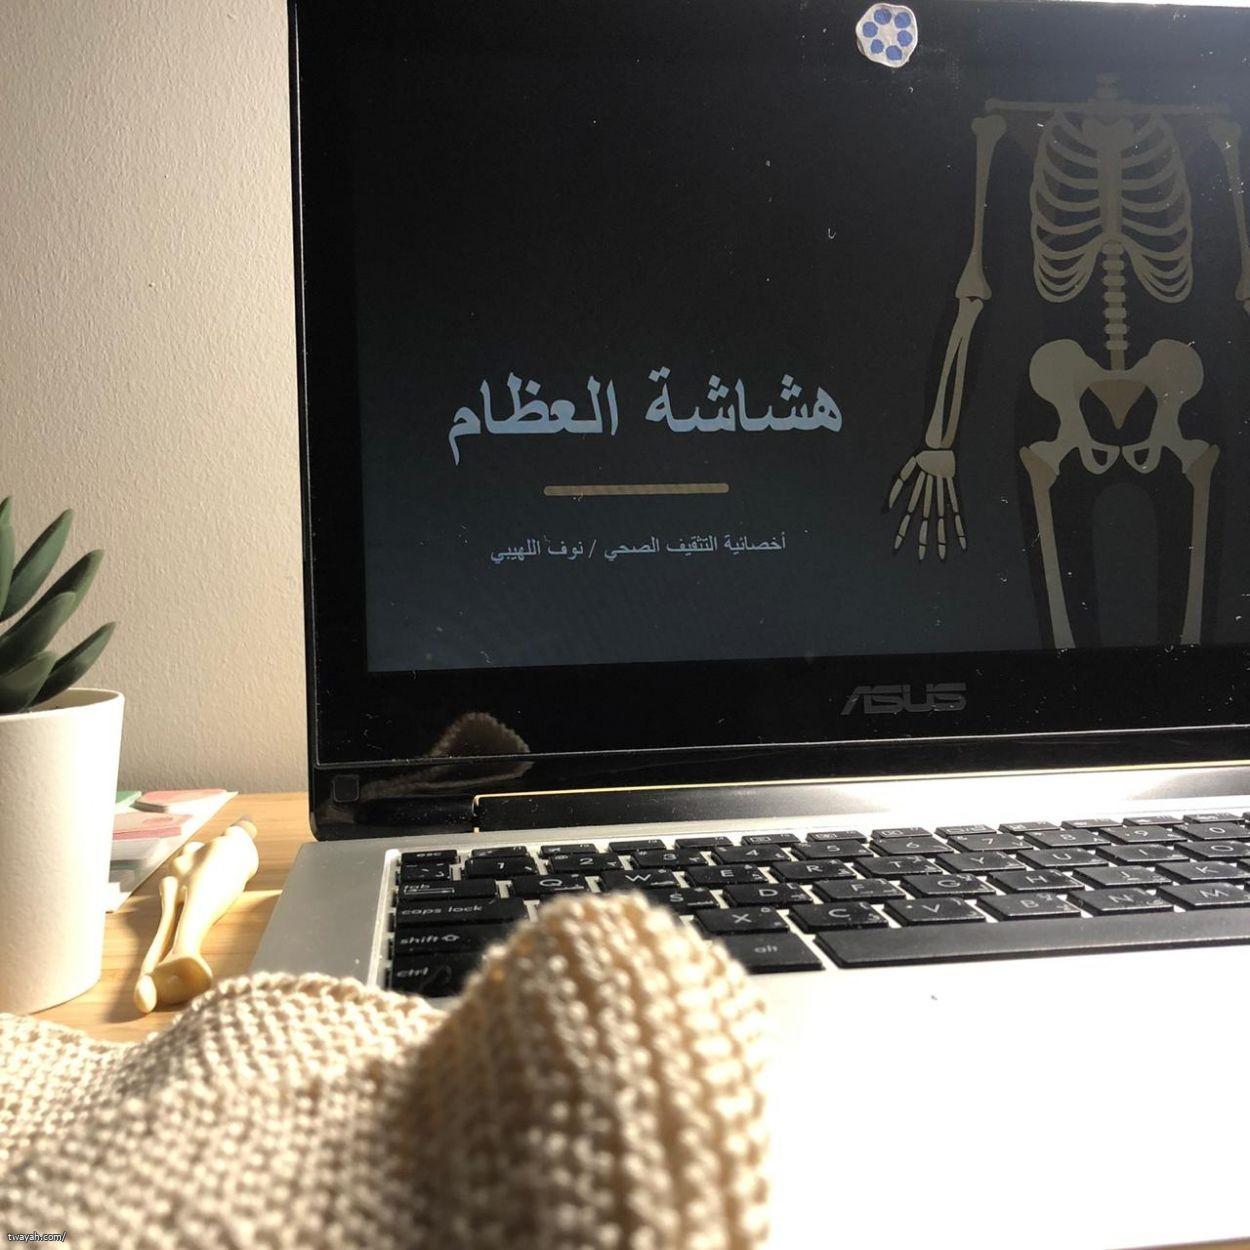 المرض الصامت  بمركز صحي البحيرات بالتعاون مع الشؤون المدرسية